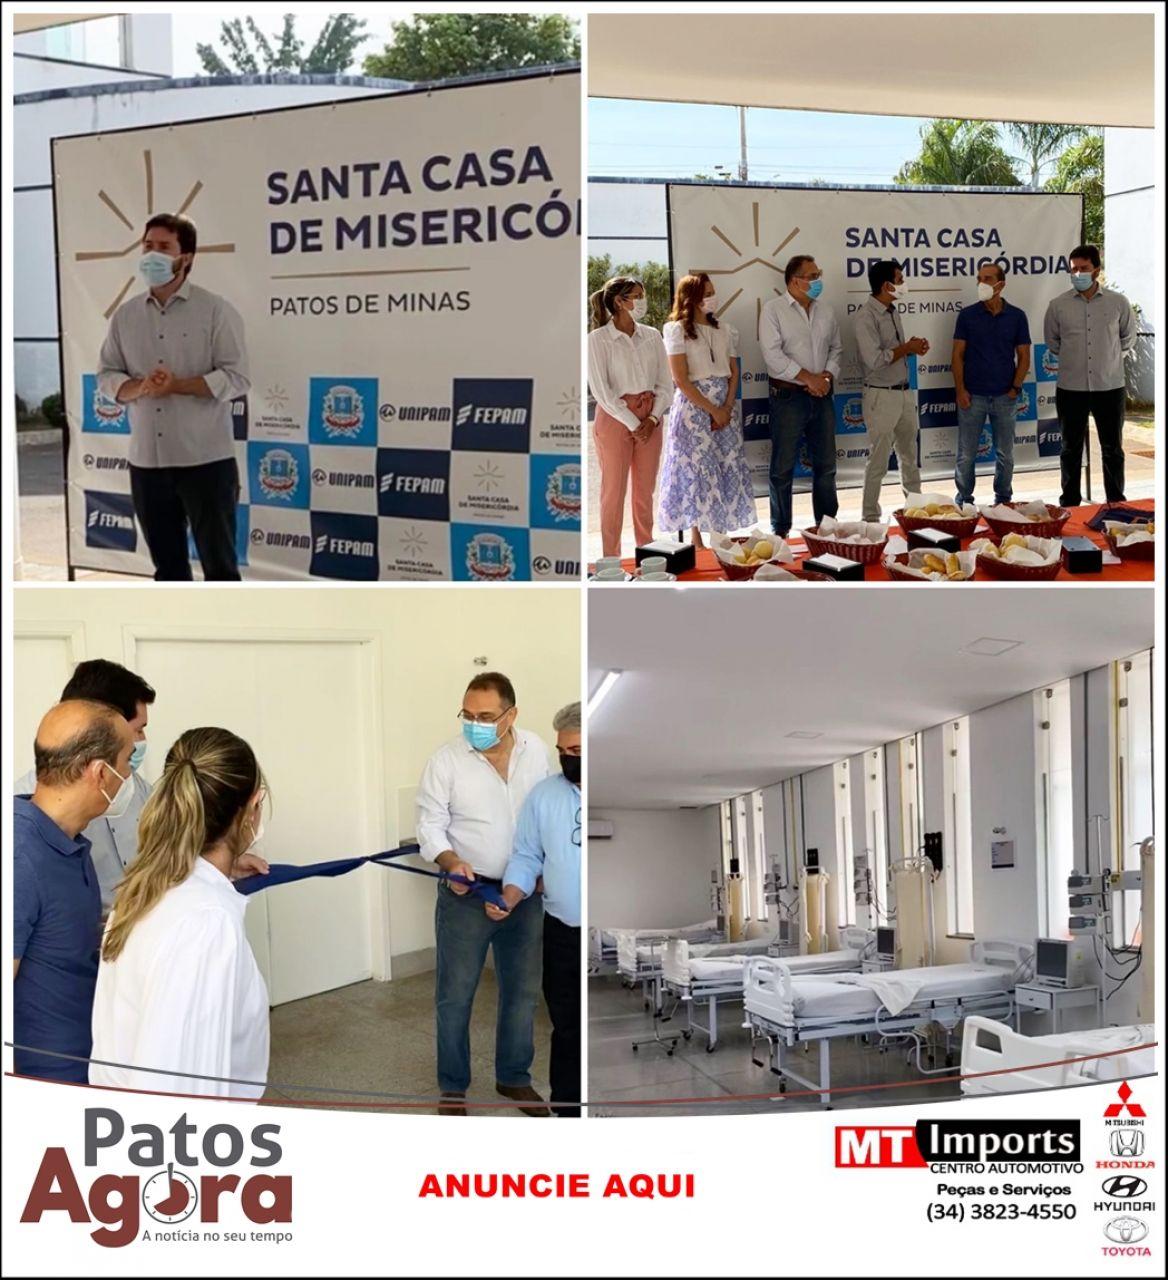 Santa Casa de Misericórdia de Patos de Minas inaugura mais 30 leitos de UTI geral